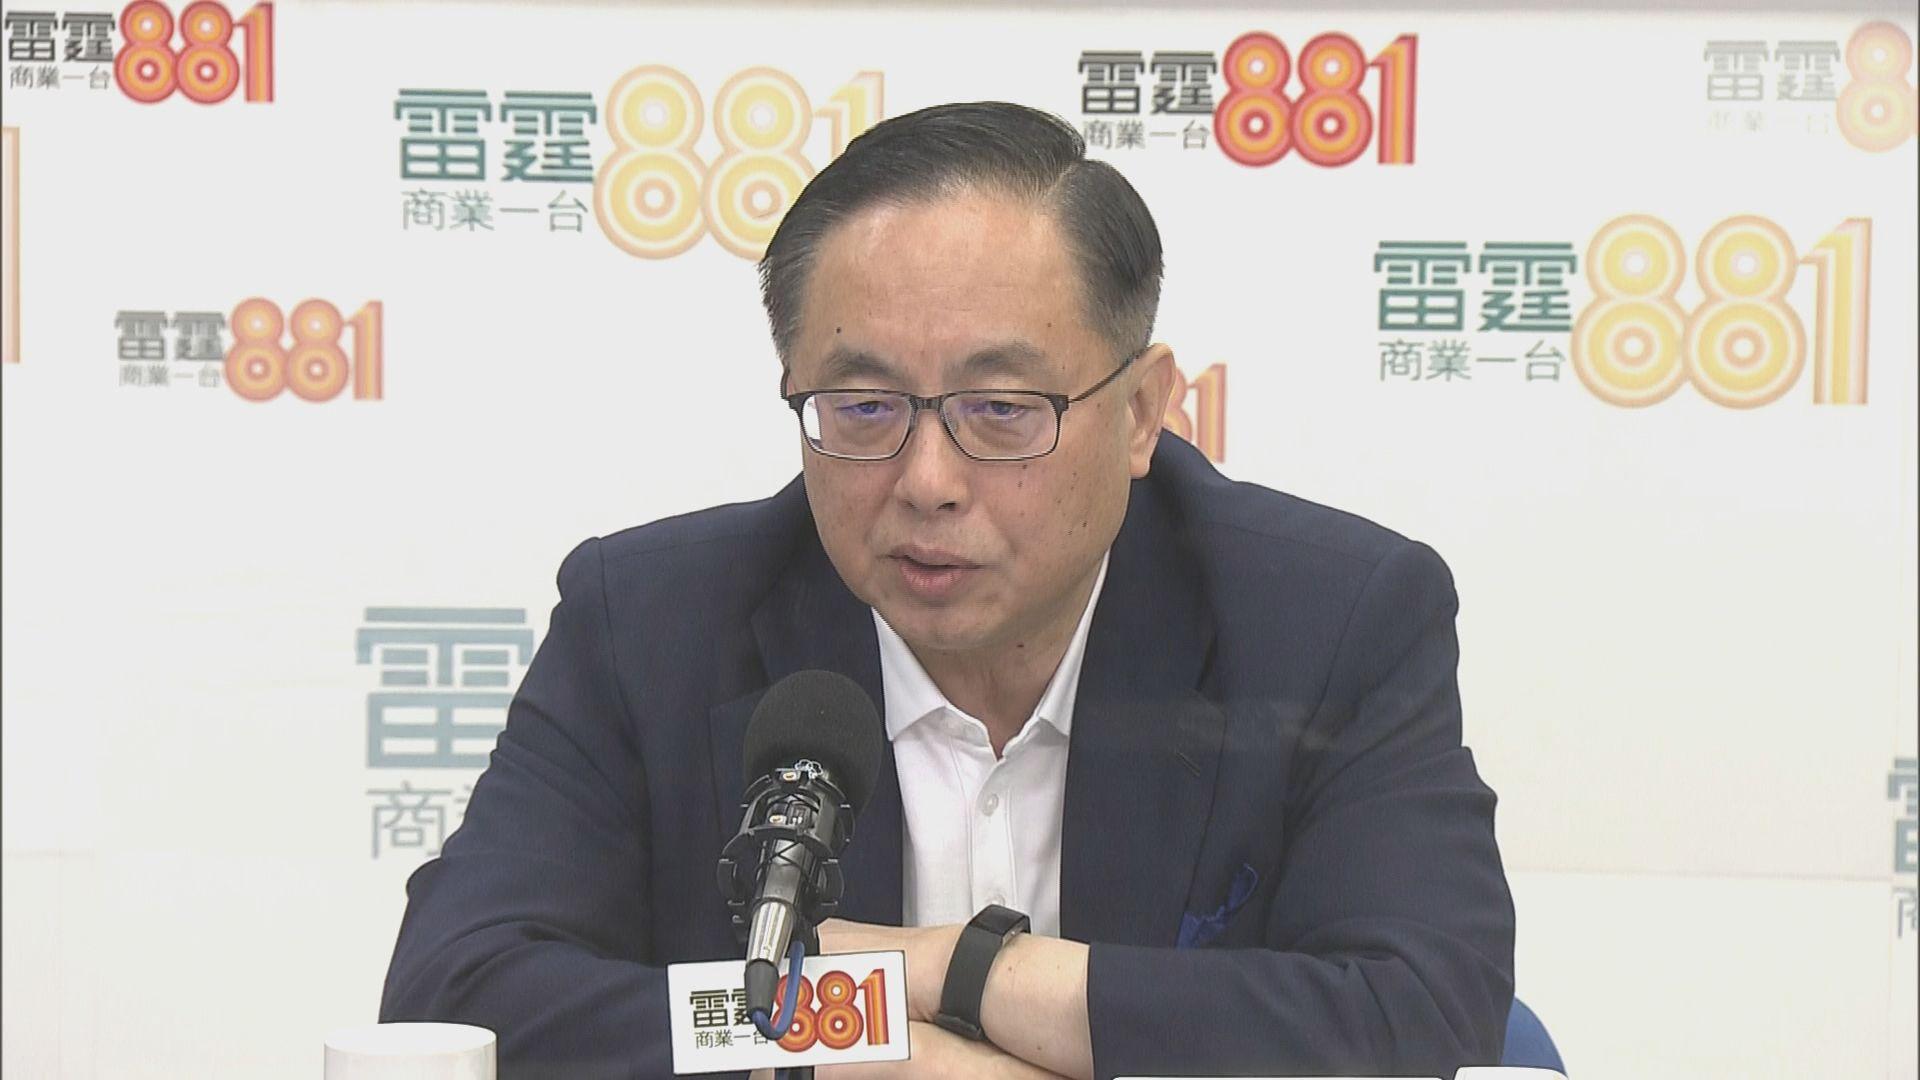 楊偉雄:創科局曾與康文署合作打擊「炒飛」